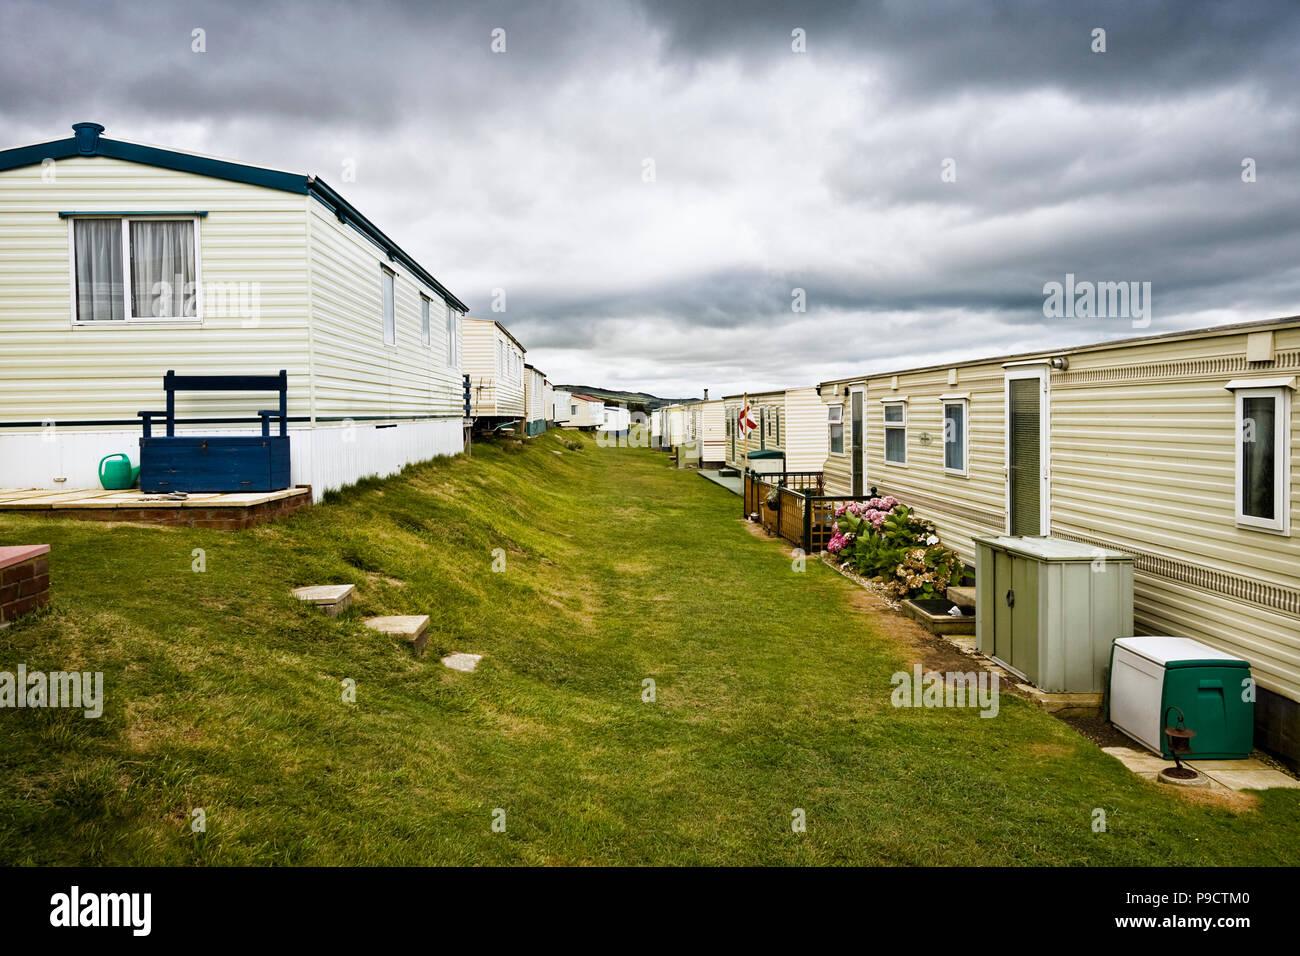 Mobilheim Mieten Cornwall : Traditionelle britische mobilheim oder static caravan holiday park